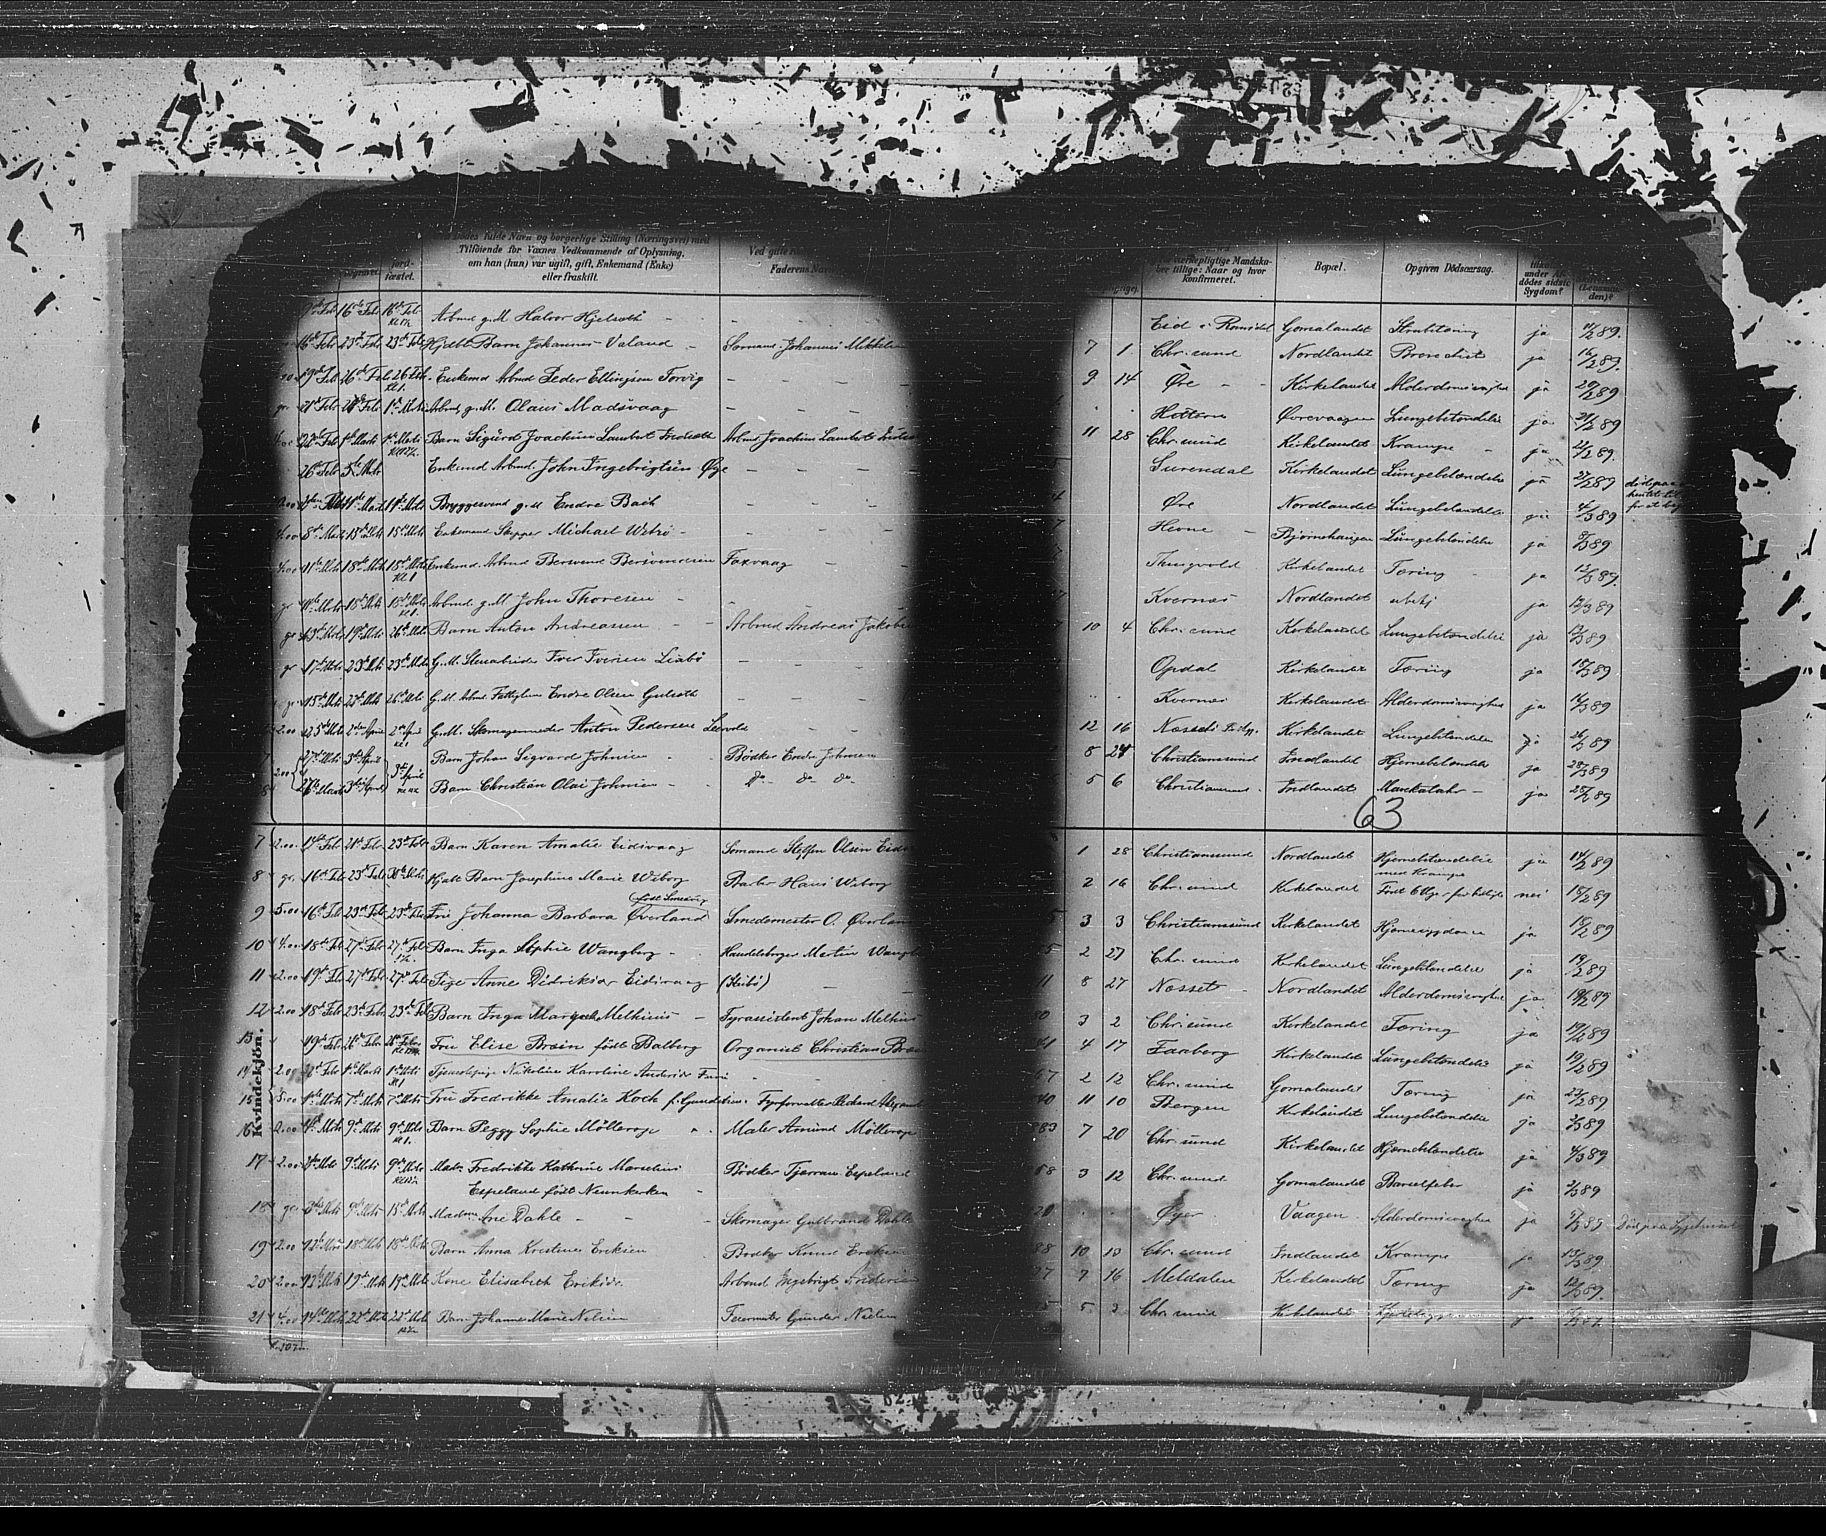 SAT, Ministerialprotokoller, klokkerbøker og fødselsregistre - Møre og Romsdal, 572/L0853: Ministerialbok nr. 572A16, 1880-1901, s. 63